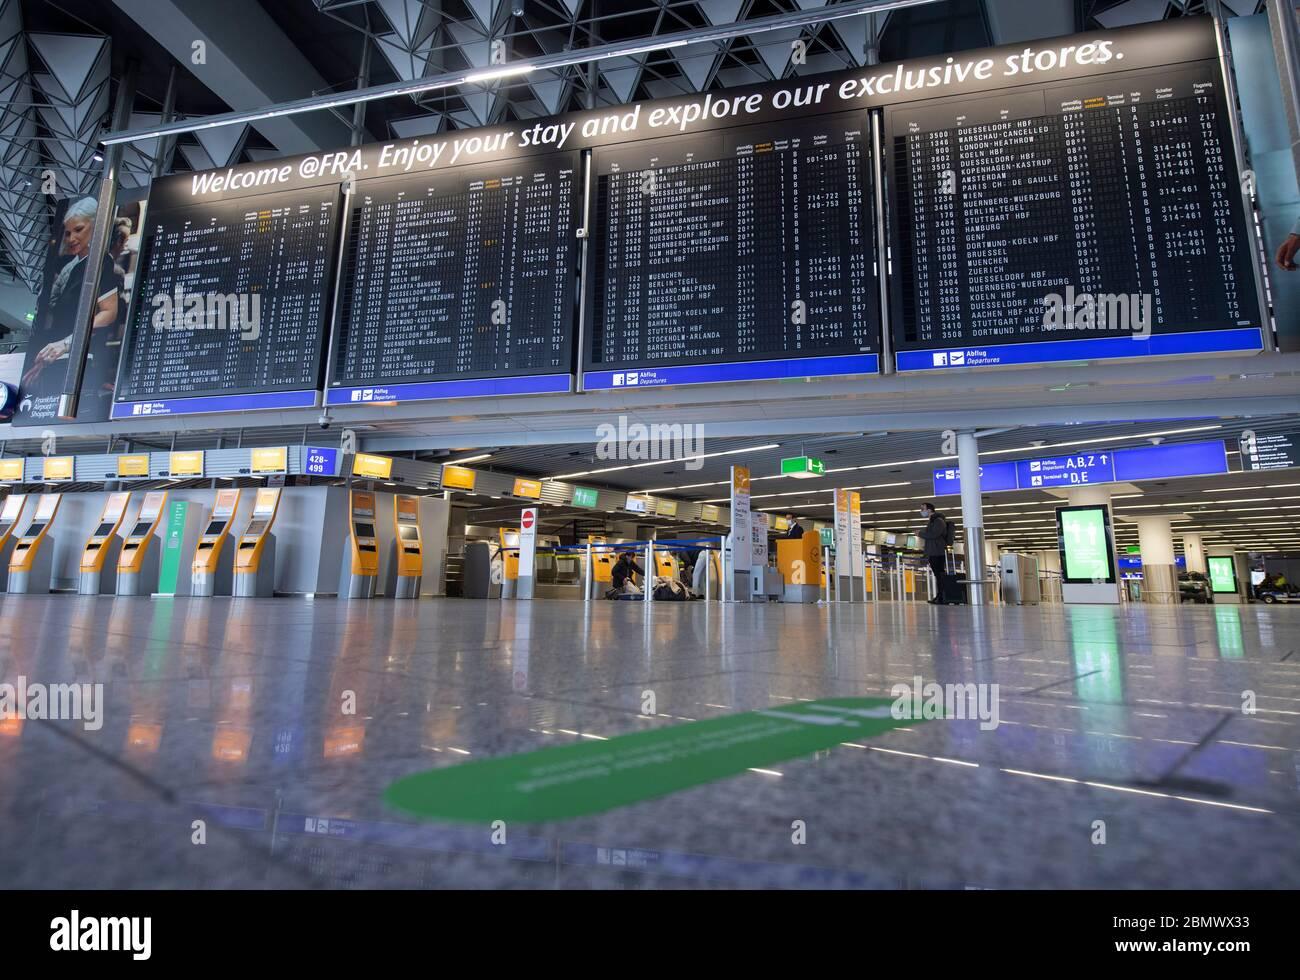 11 de mayo de 2020, Hessen, Frankfurt/Main: La terminal 1 del aeropuerto de Frankfurt está casi desierta en los mostradores de facturación de Lufthansa. Lufthansa ha entrado en un desequilibrio financiero masivo como resultado de la pandemia mundial de corona. Foto: Boris Roessler/dpa Foto de stock